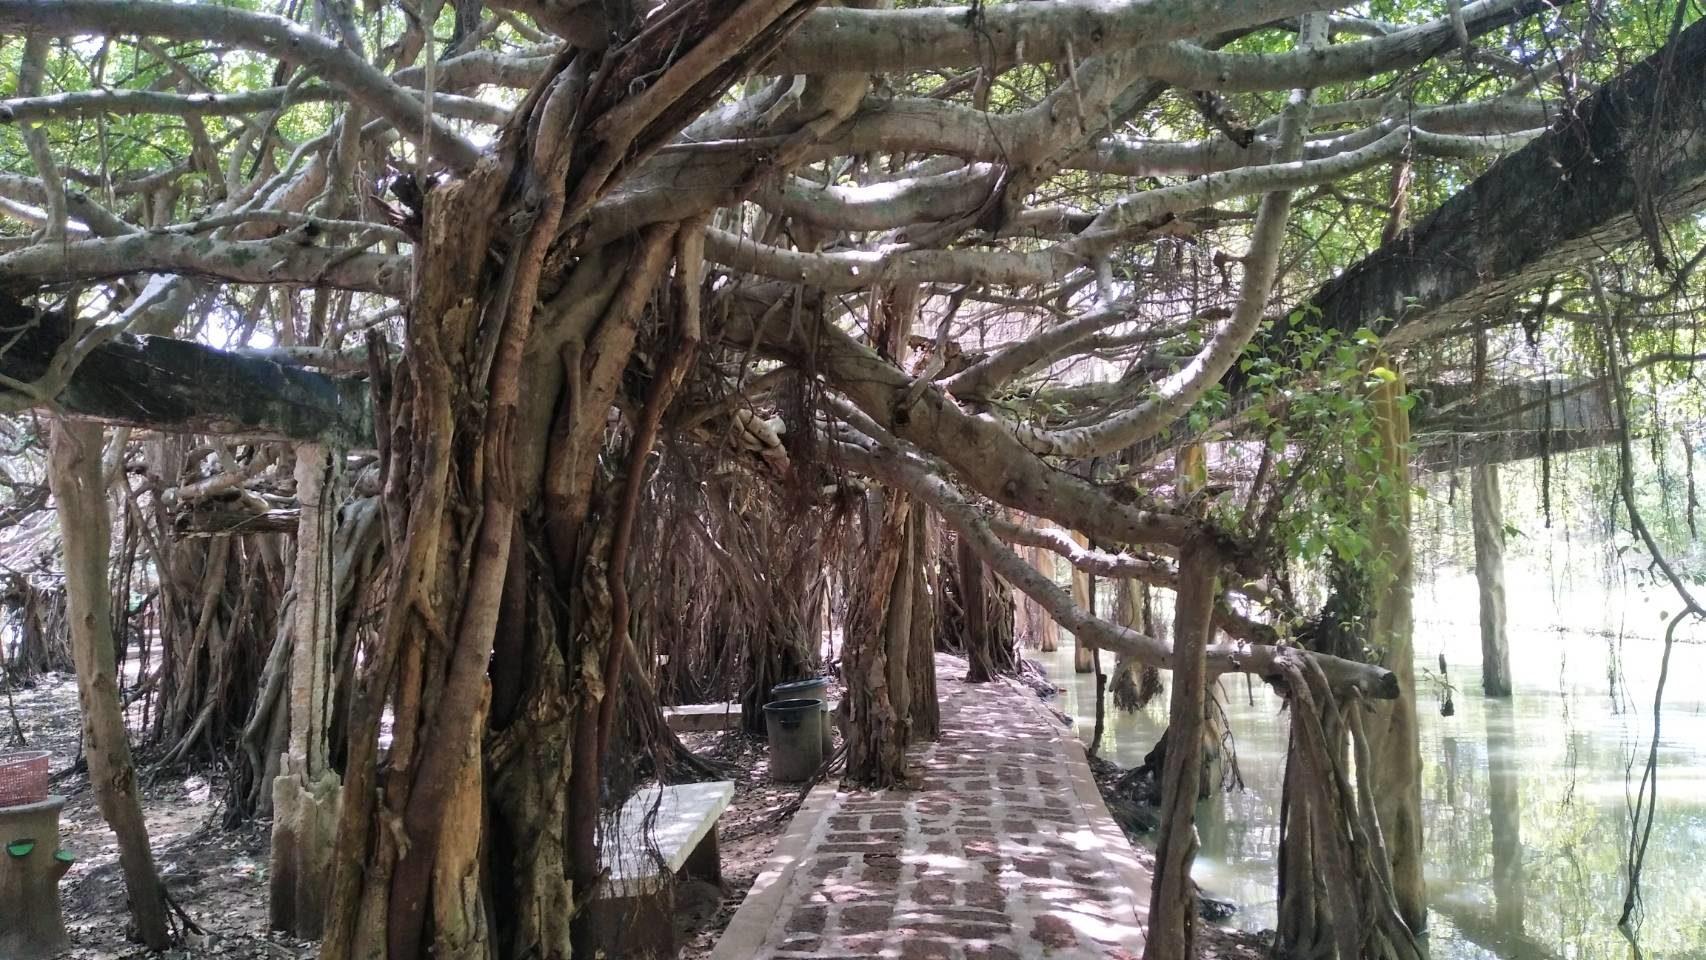 เที่ยวอุทยานไทรงามกว่า 350ปี ที่โคราช เปิดรับนักท่องเที่ยวแล้ว หลังปิดช่วงโควิดระบาด